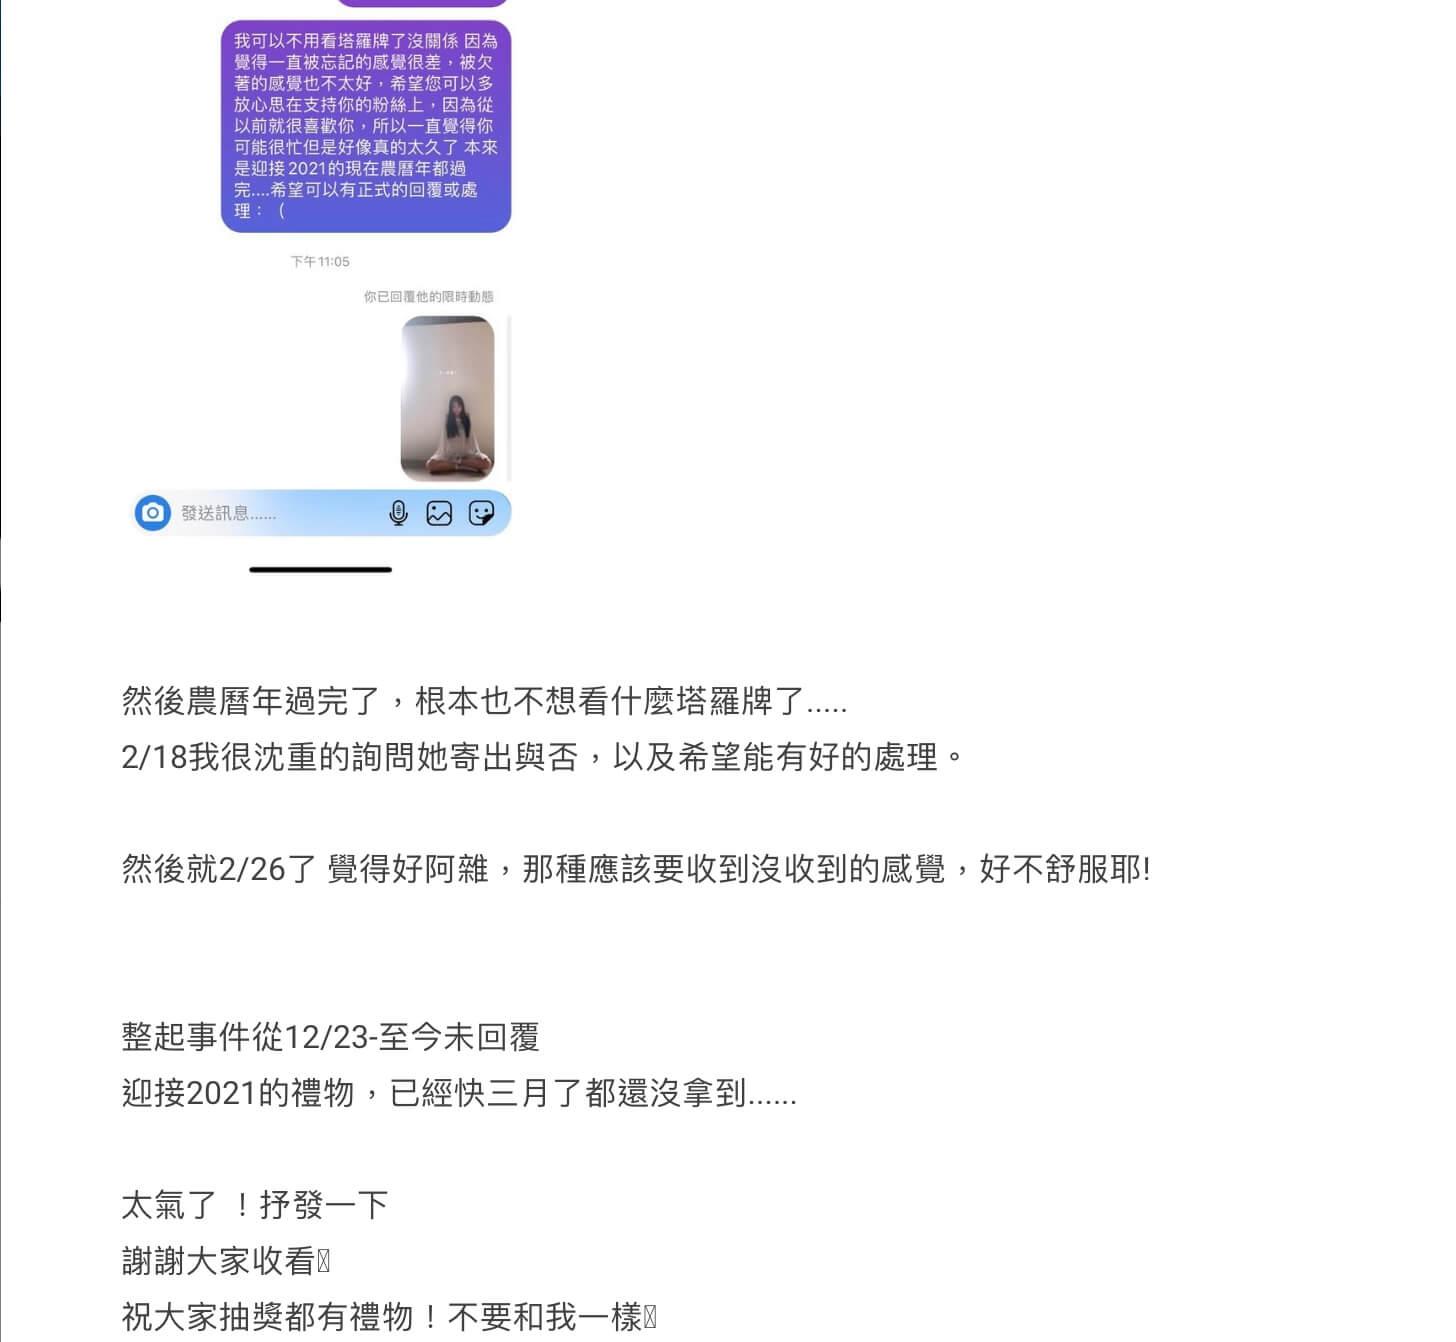 抽中禮物卻未寄出!網紅林萱遭爆料急道歉 粉絲卻不買帳:跟莎莎一樣